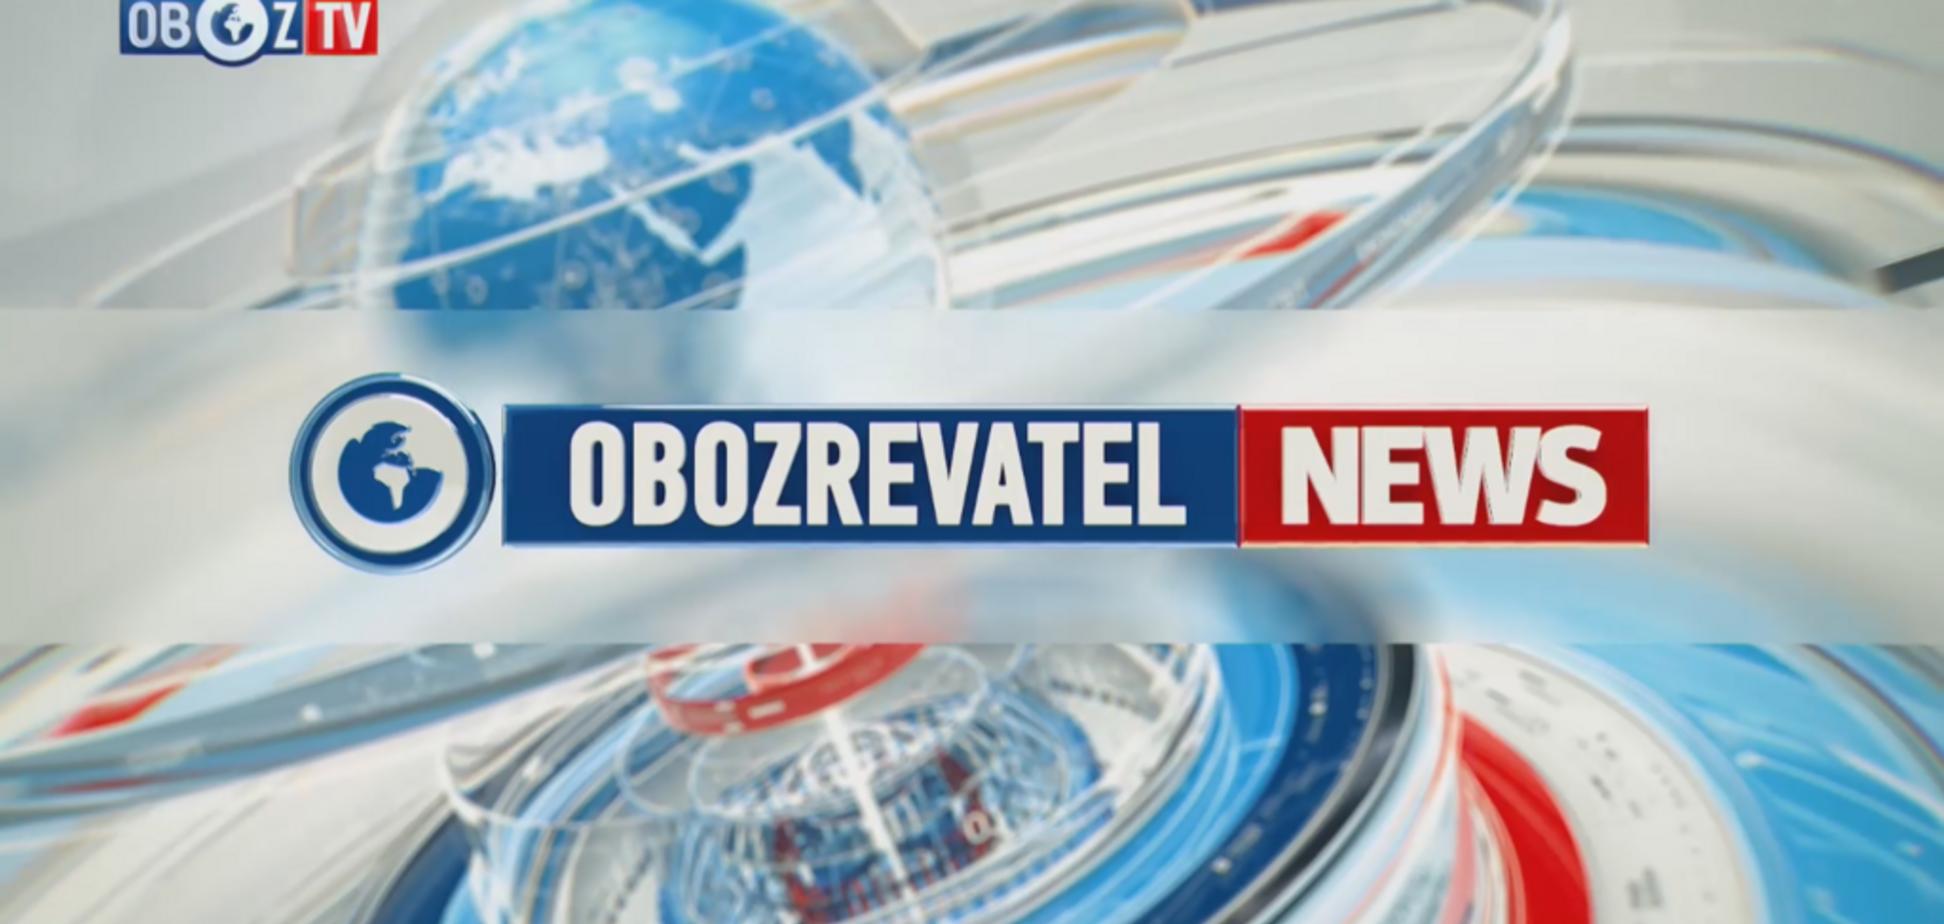 У Дніпрі зіткнулися 10 автомобілів – Північна Кароліна визнала голодомор геноцидом – Російські бойовики звернулися до суду – новини на ObozTV